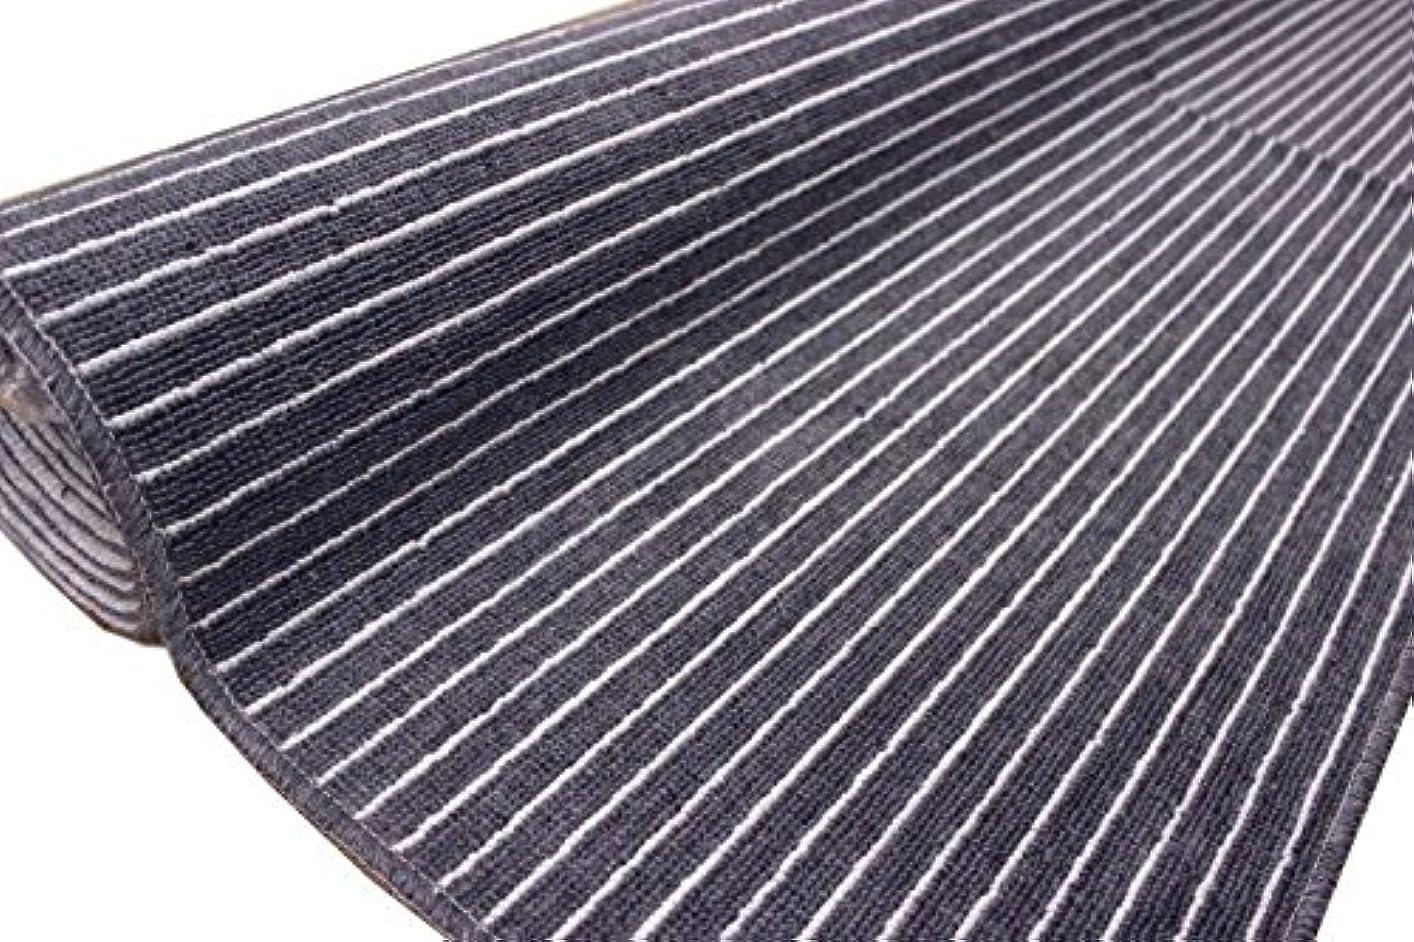 カーペット 8畳 絨毯 日本製じゅうたん ヒーリング/ブラック 8帖(352x352cm)